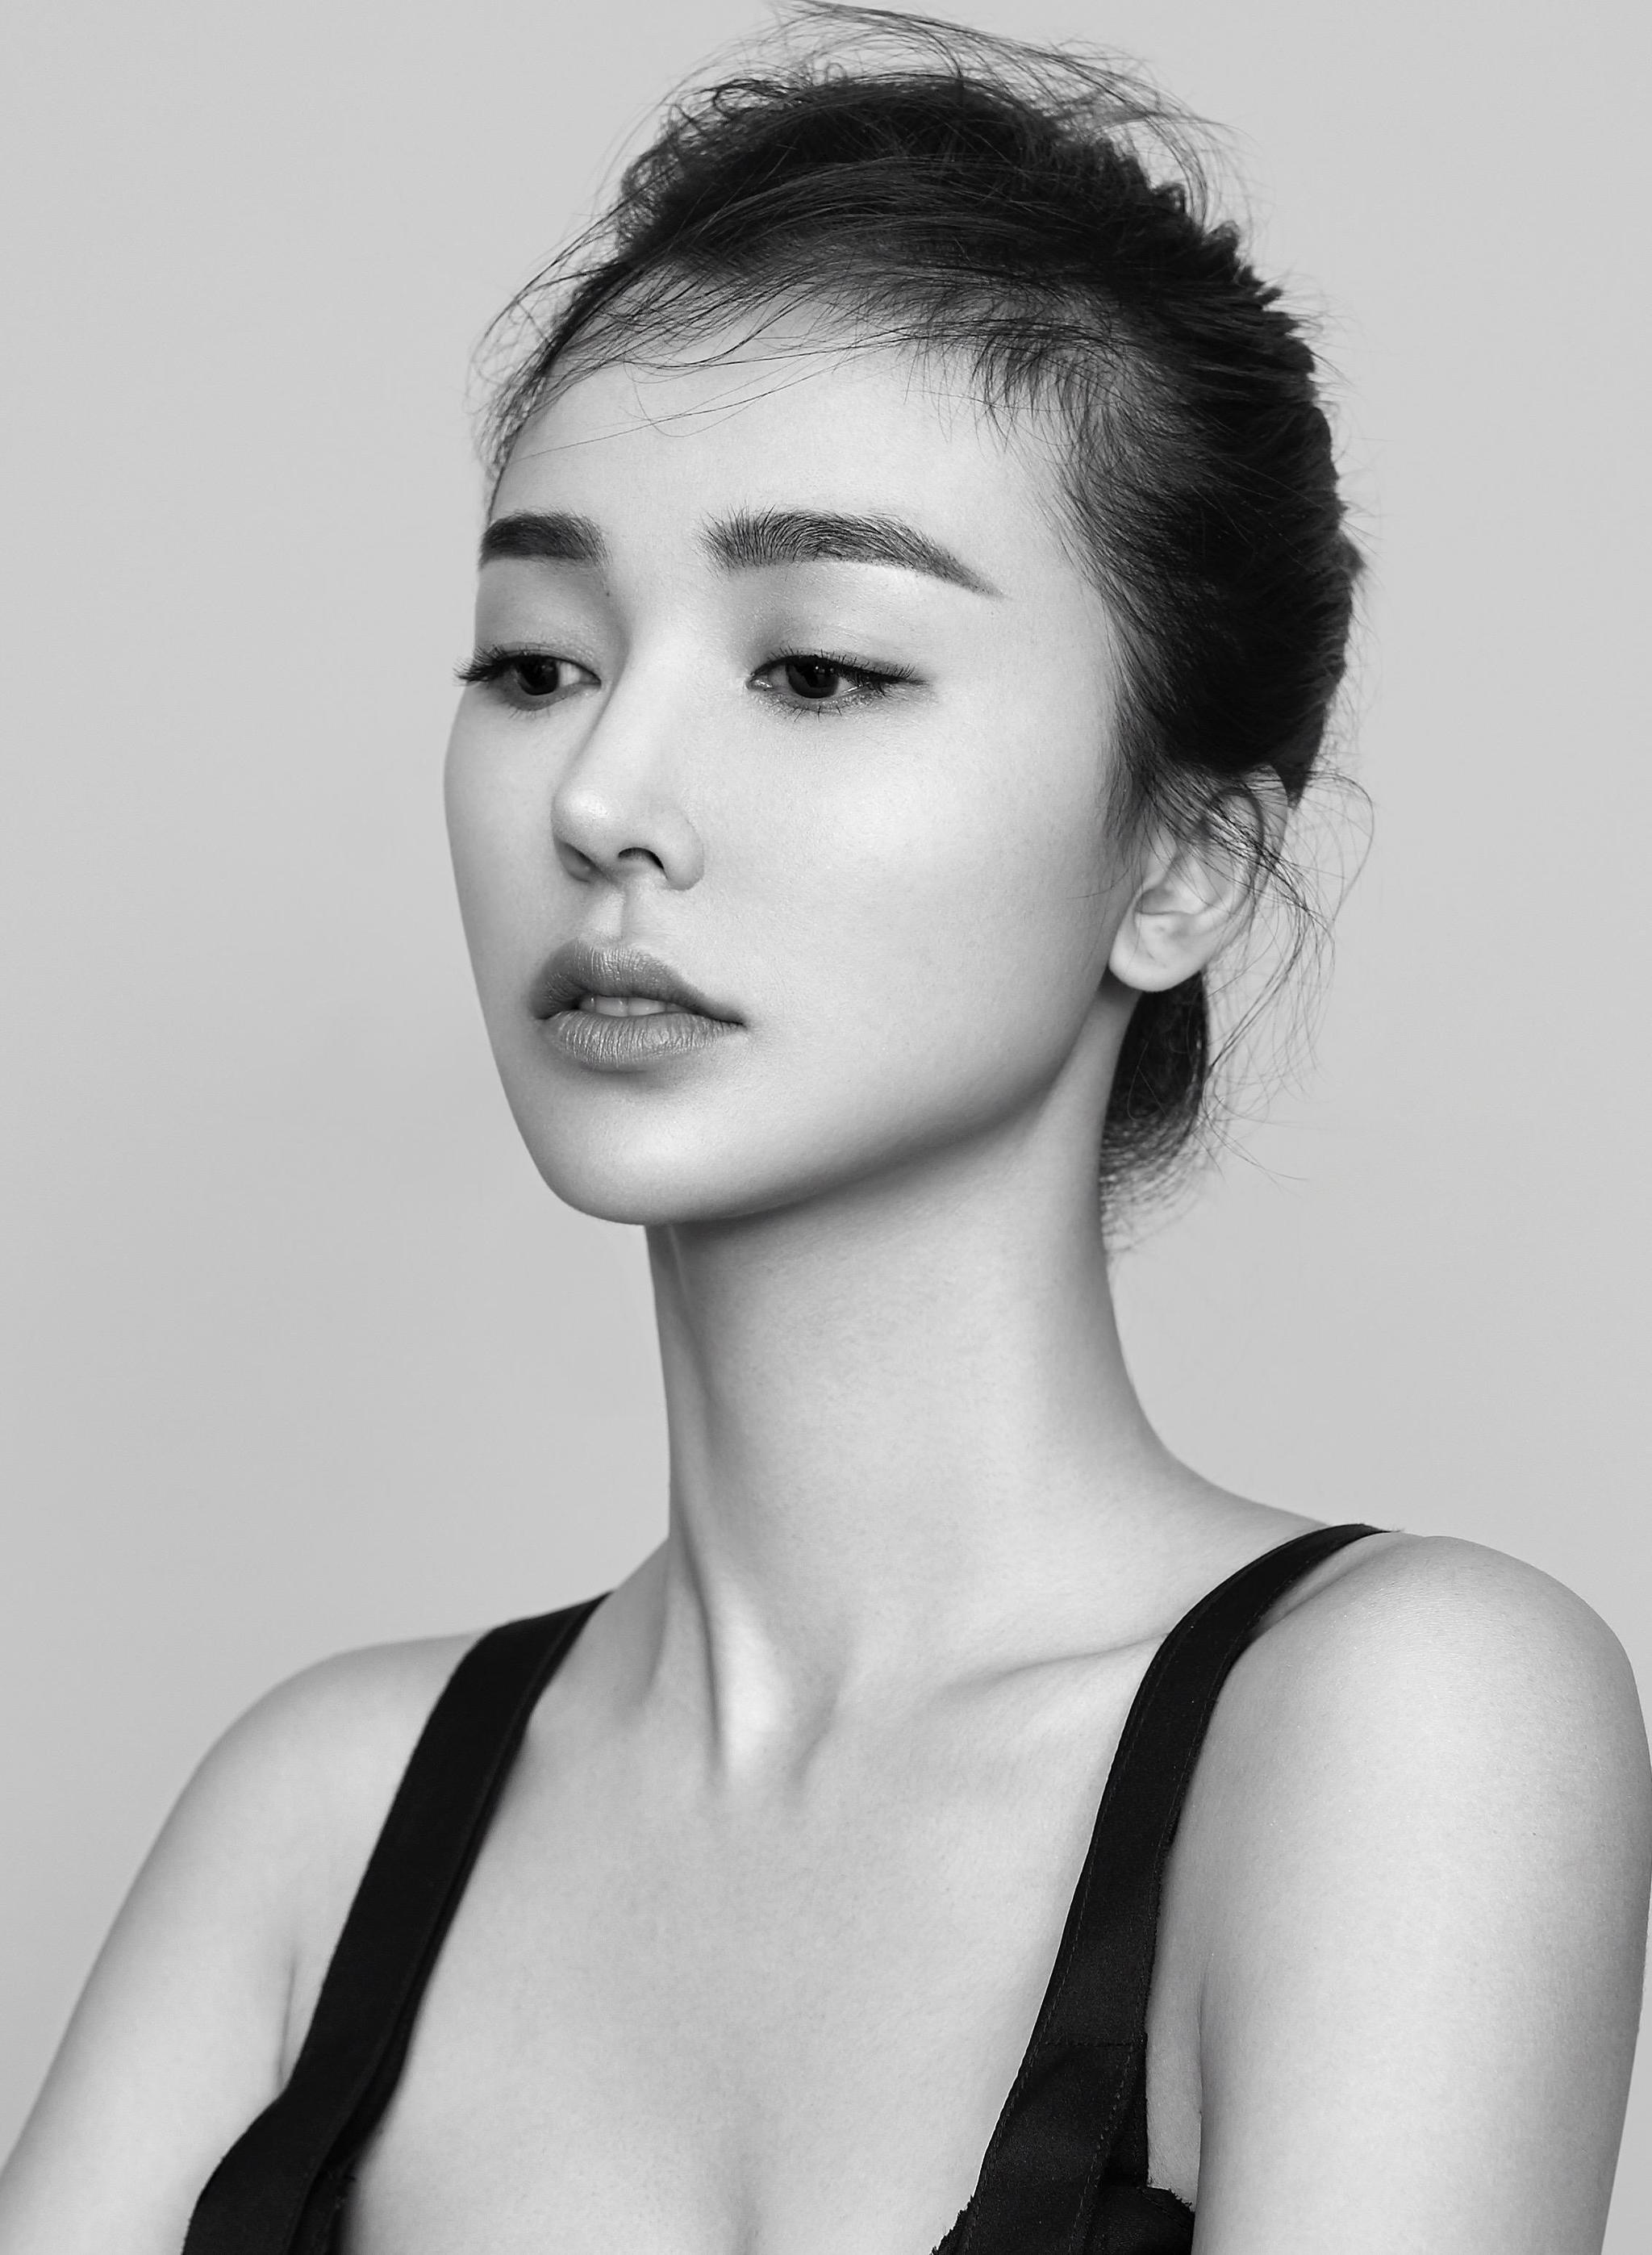 姚星彤时尚黑白性感写真